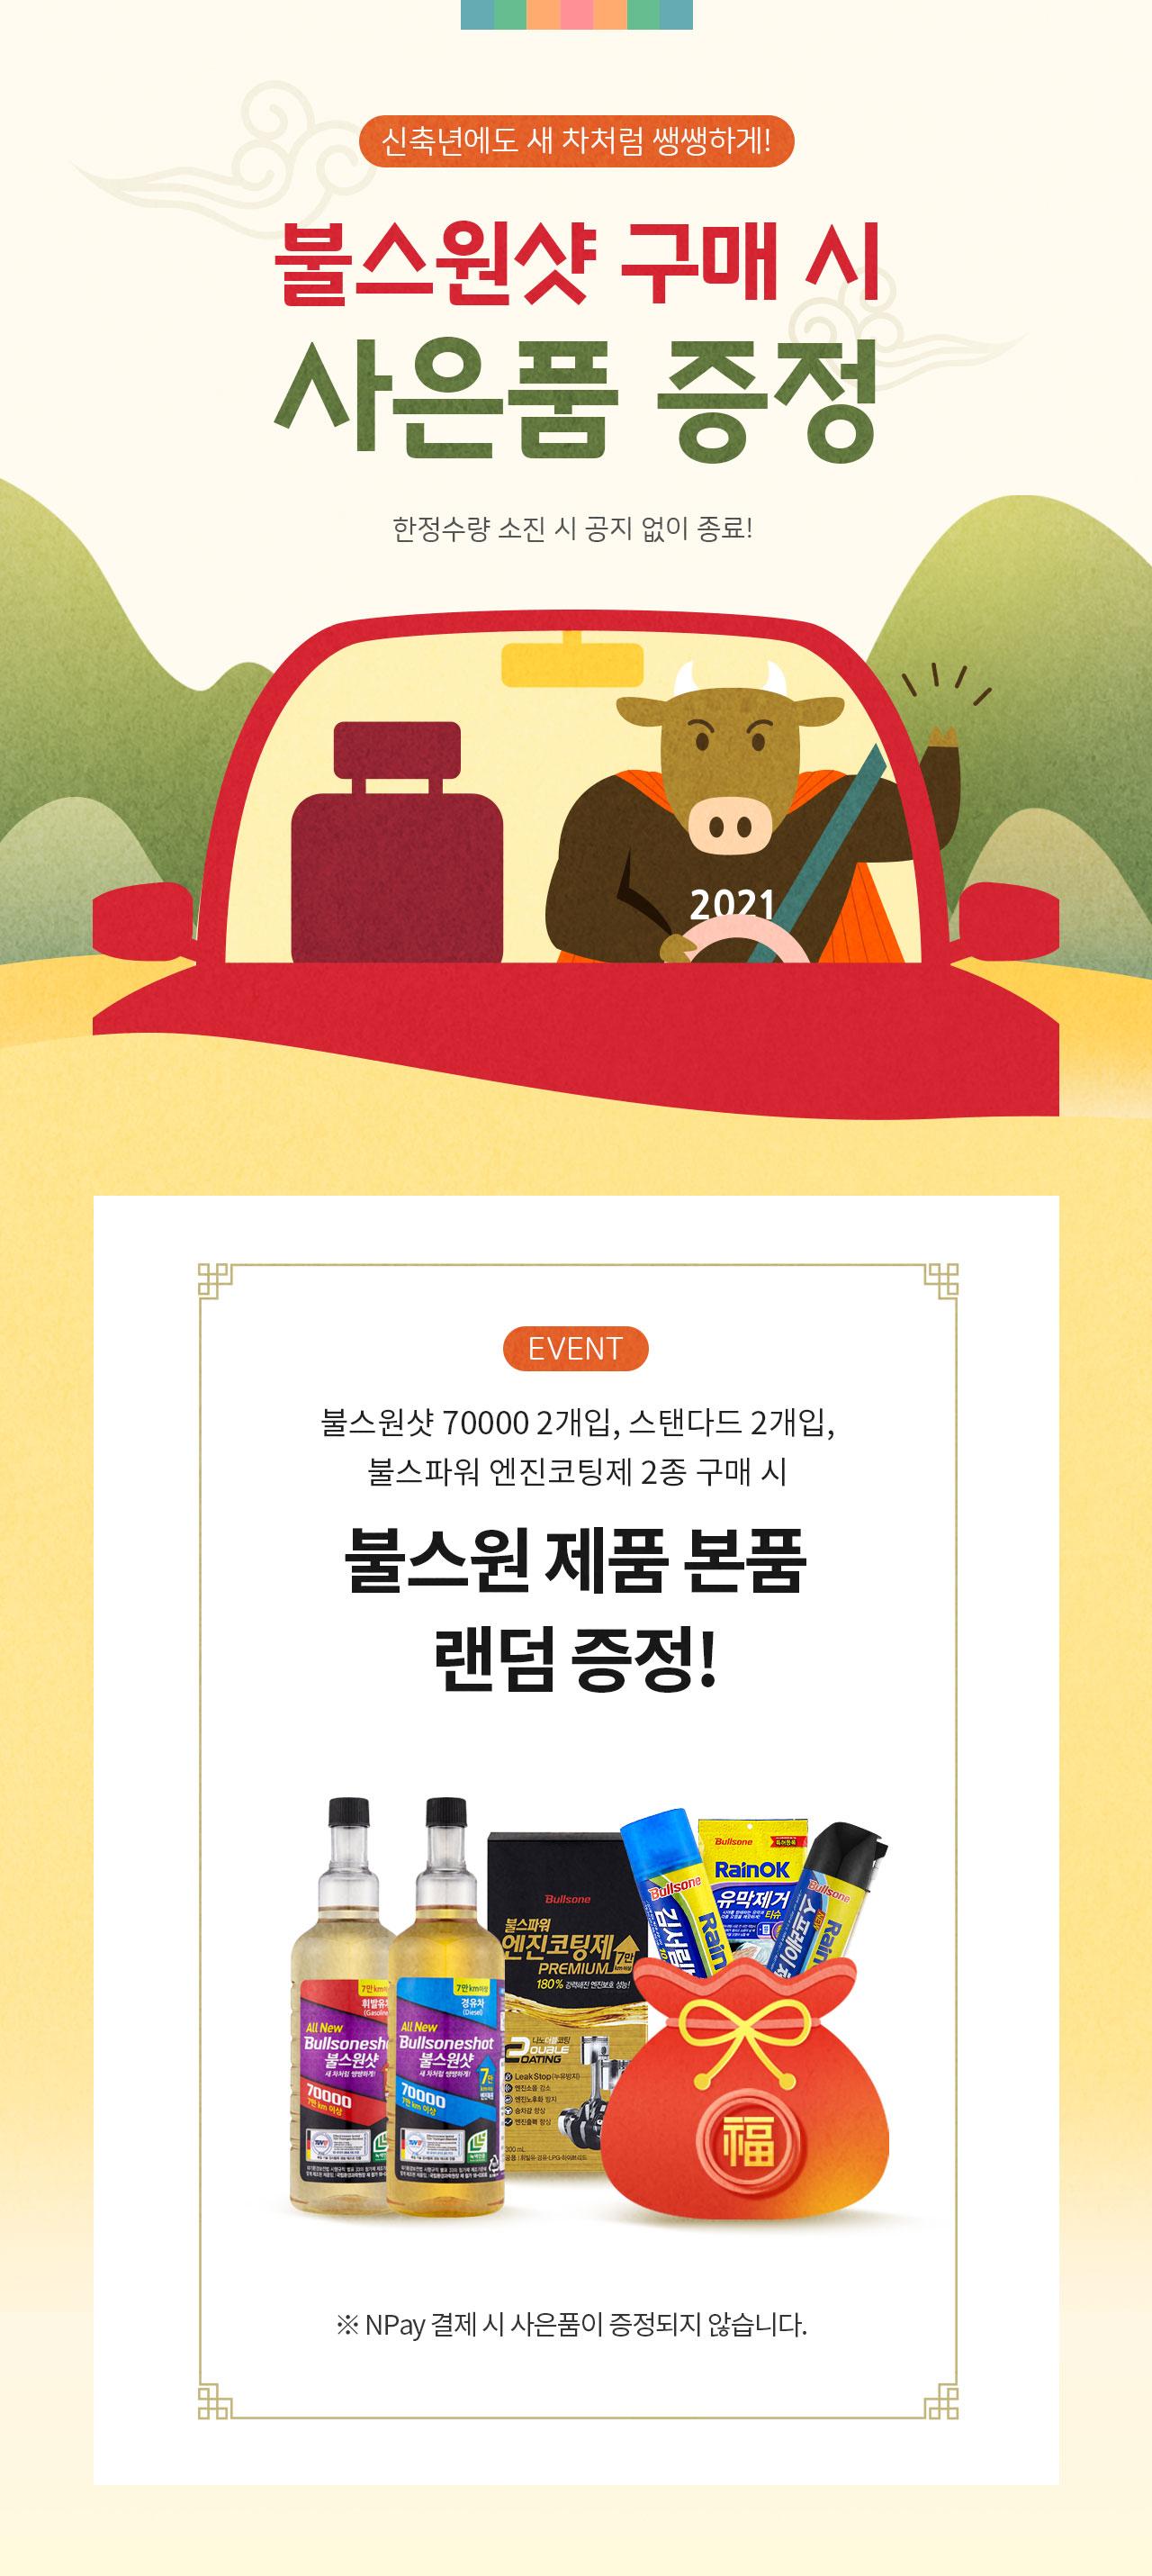 [불스원]불스원샷 구매 사은품 증정